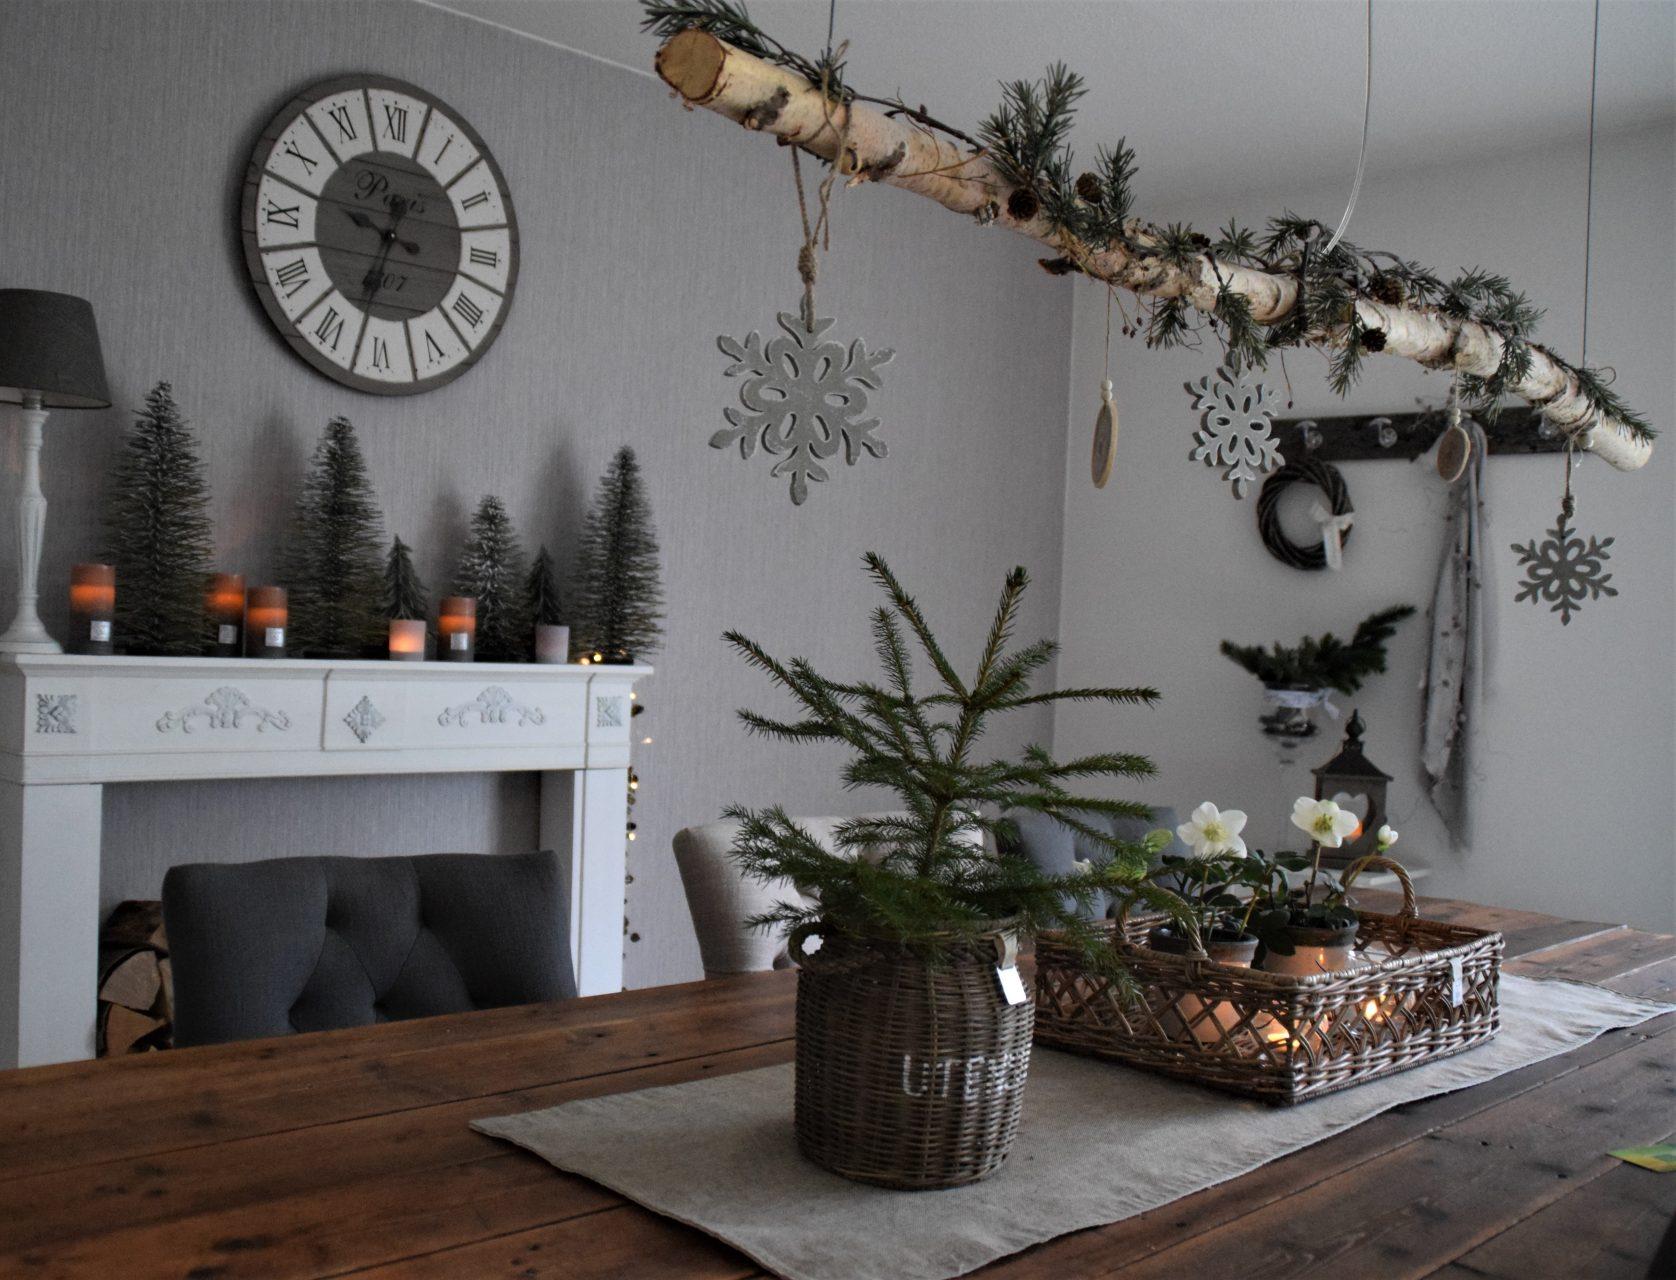 Vorbei mit Weihnachten! Jetzt stellt sich die Frage, was bleibt eigentlich an Winterdeko so stehen?